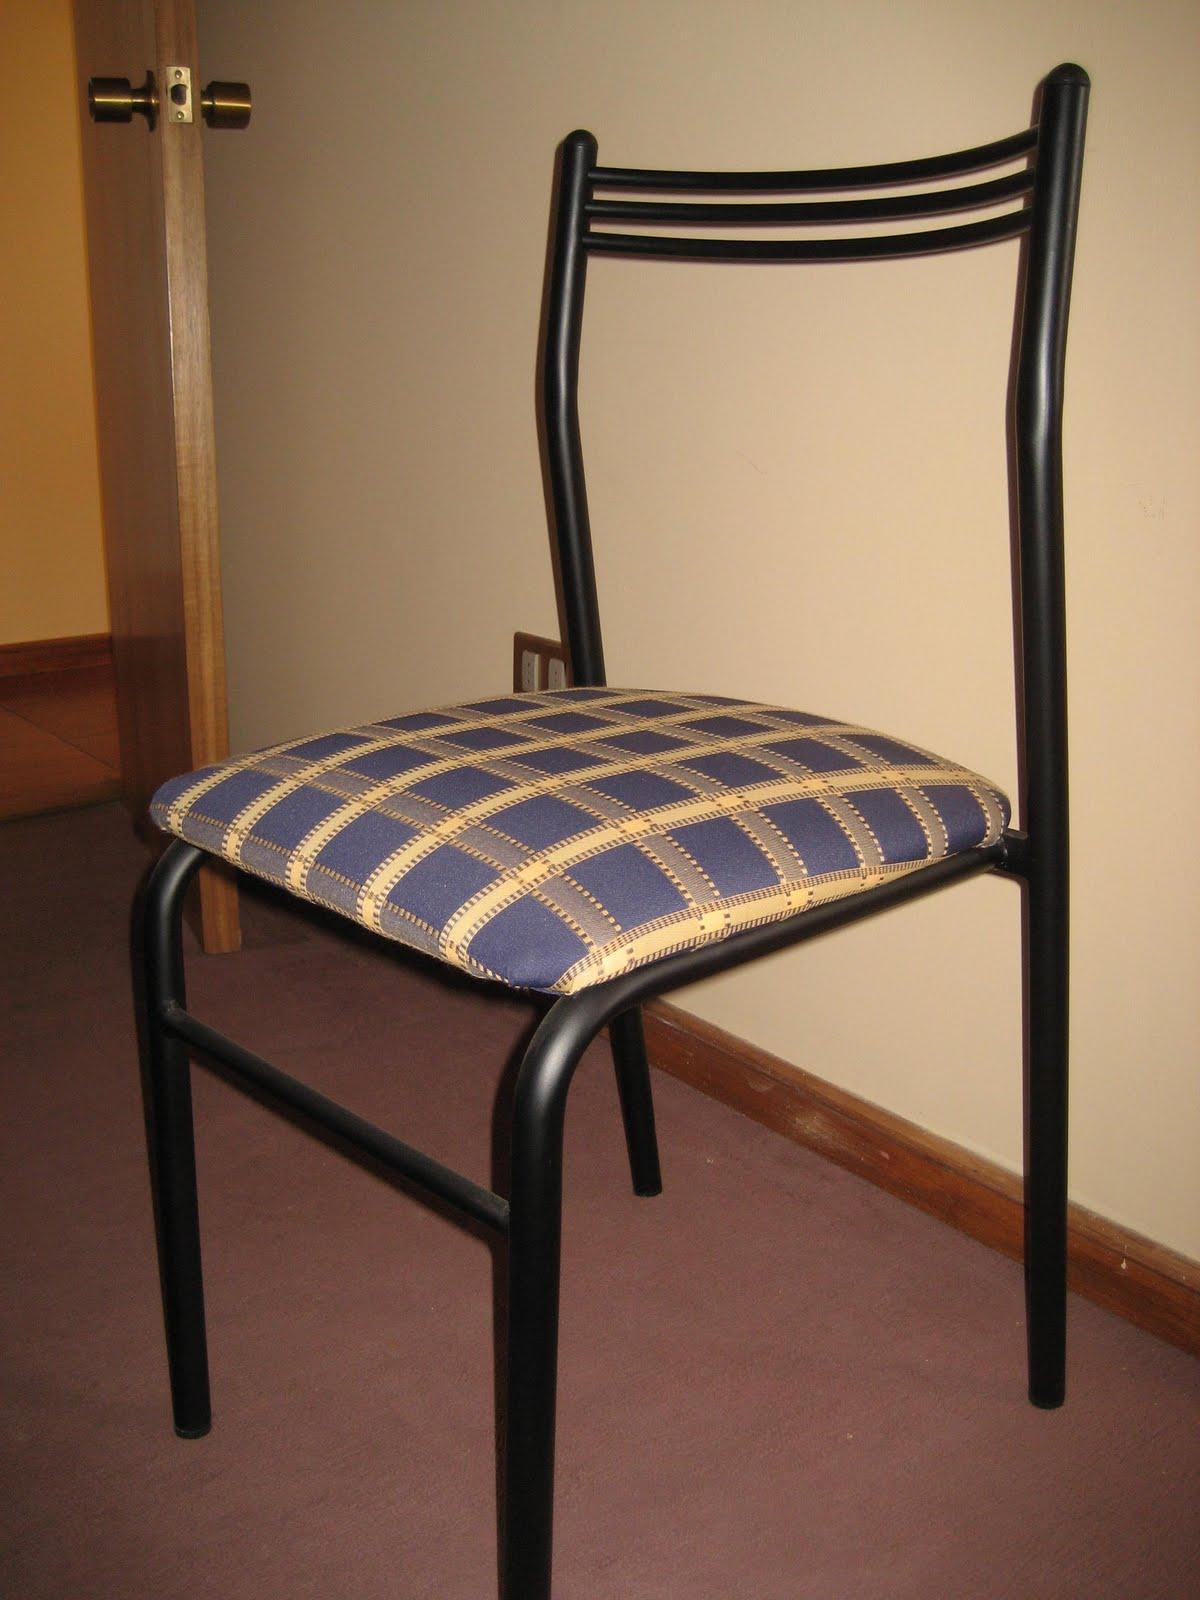 Articulos a la venta por poca plata comedor de fierro y for Comedor vidrio 6 sillas